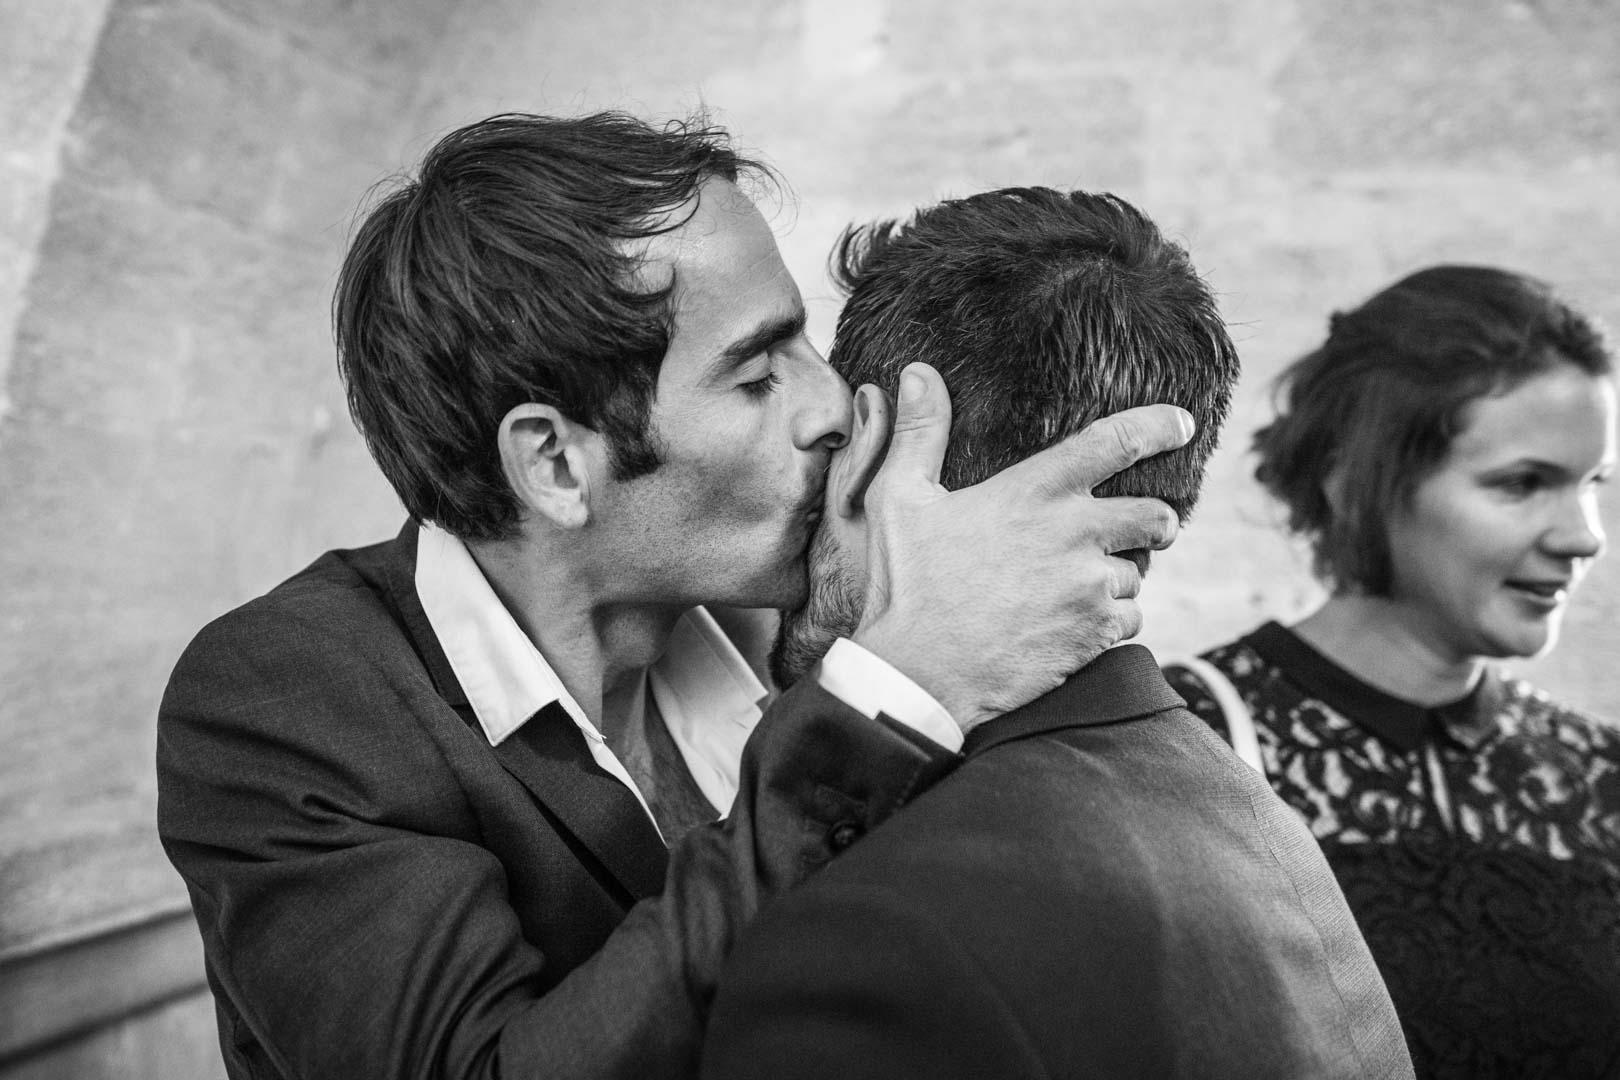 felicitations-au-marie-noir-et-blanc